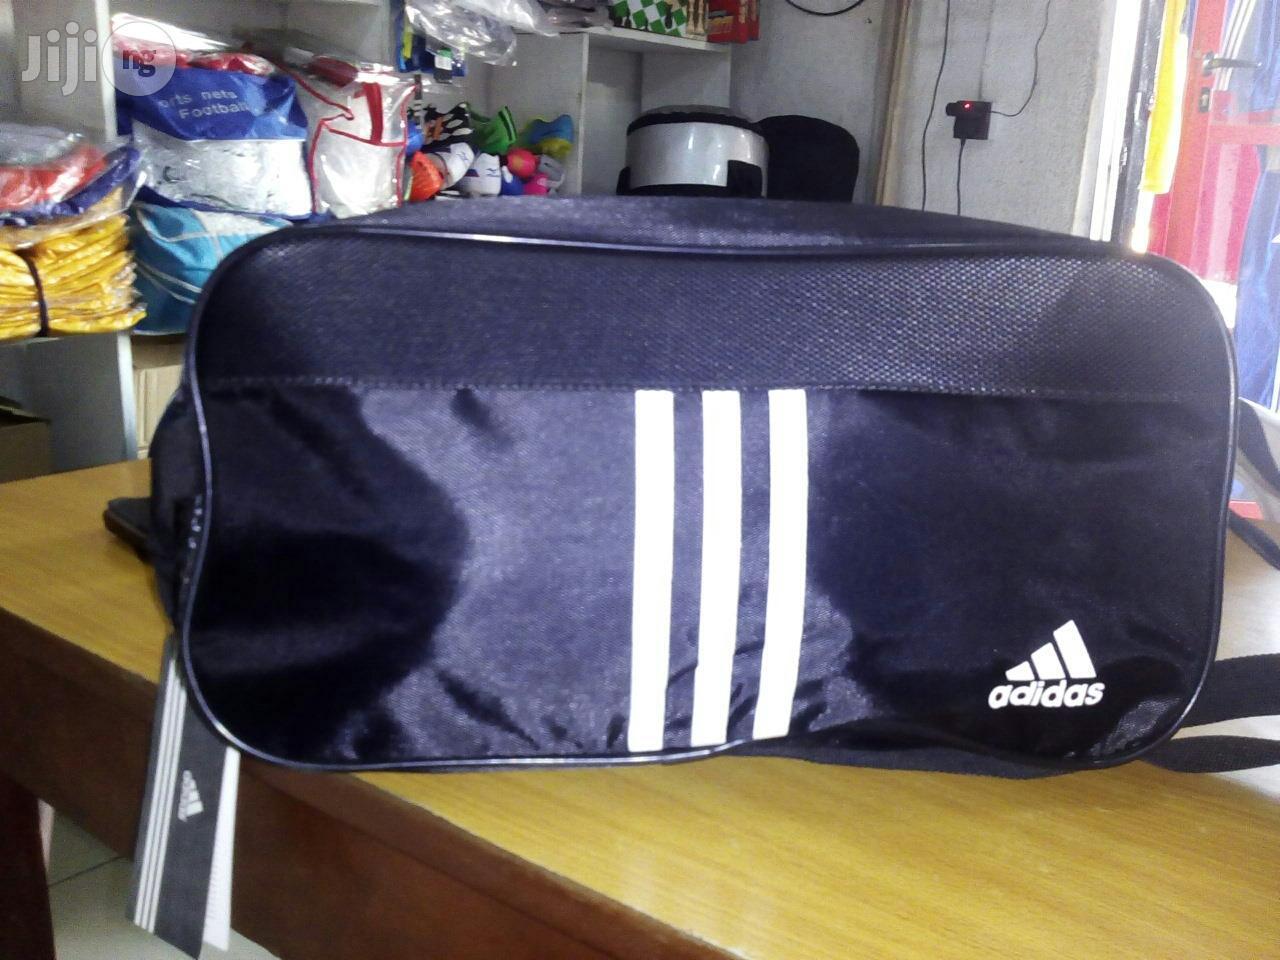 Archive: Adidas Kit Nice Bag.